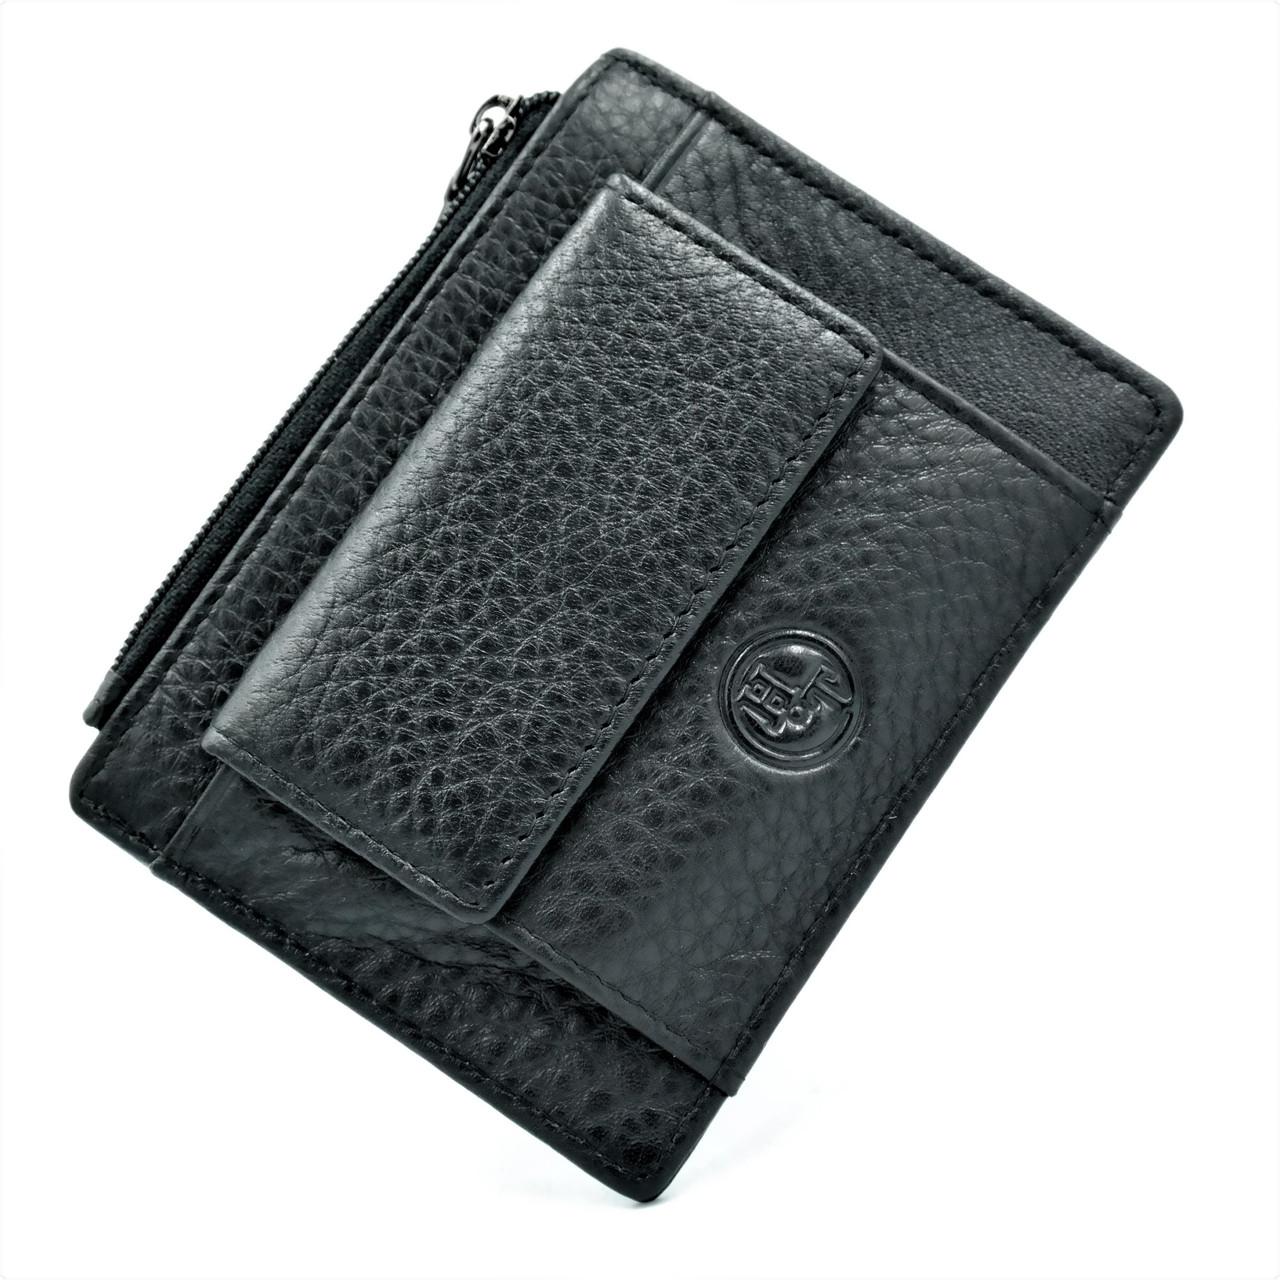 Мужская кожаная визитница Чёрного цвета Небольшой мужской бумажник Удобный кожаный компактный кошелек